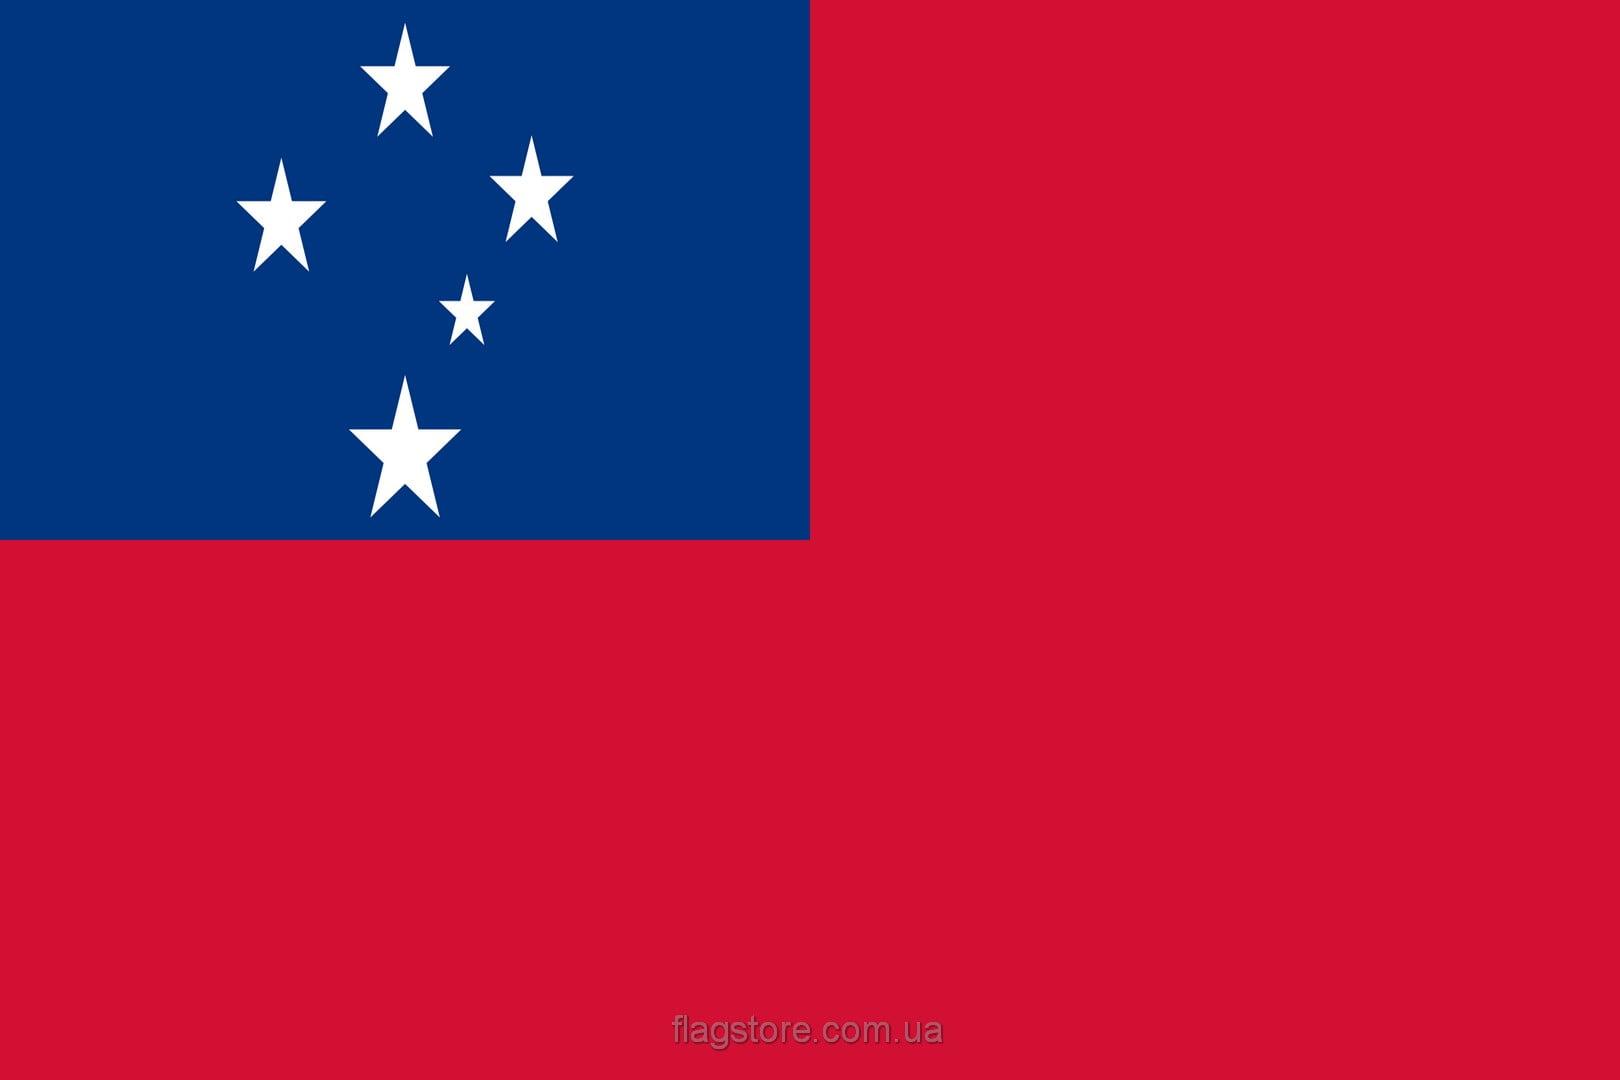 Купить флаг страны Самоа